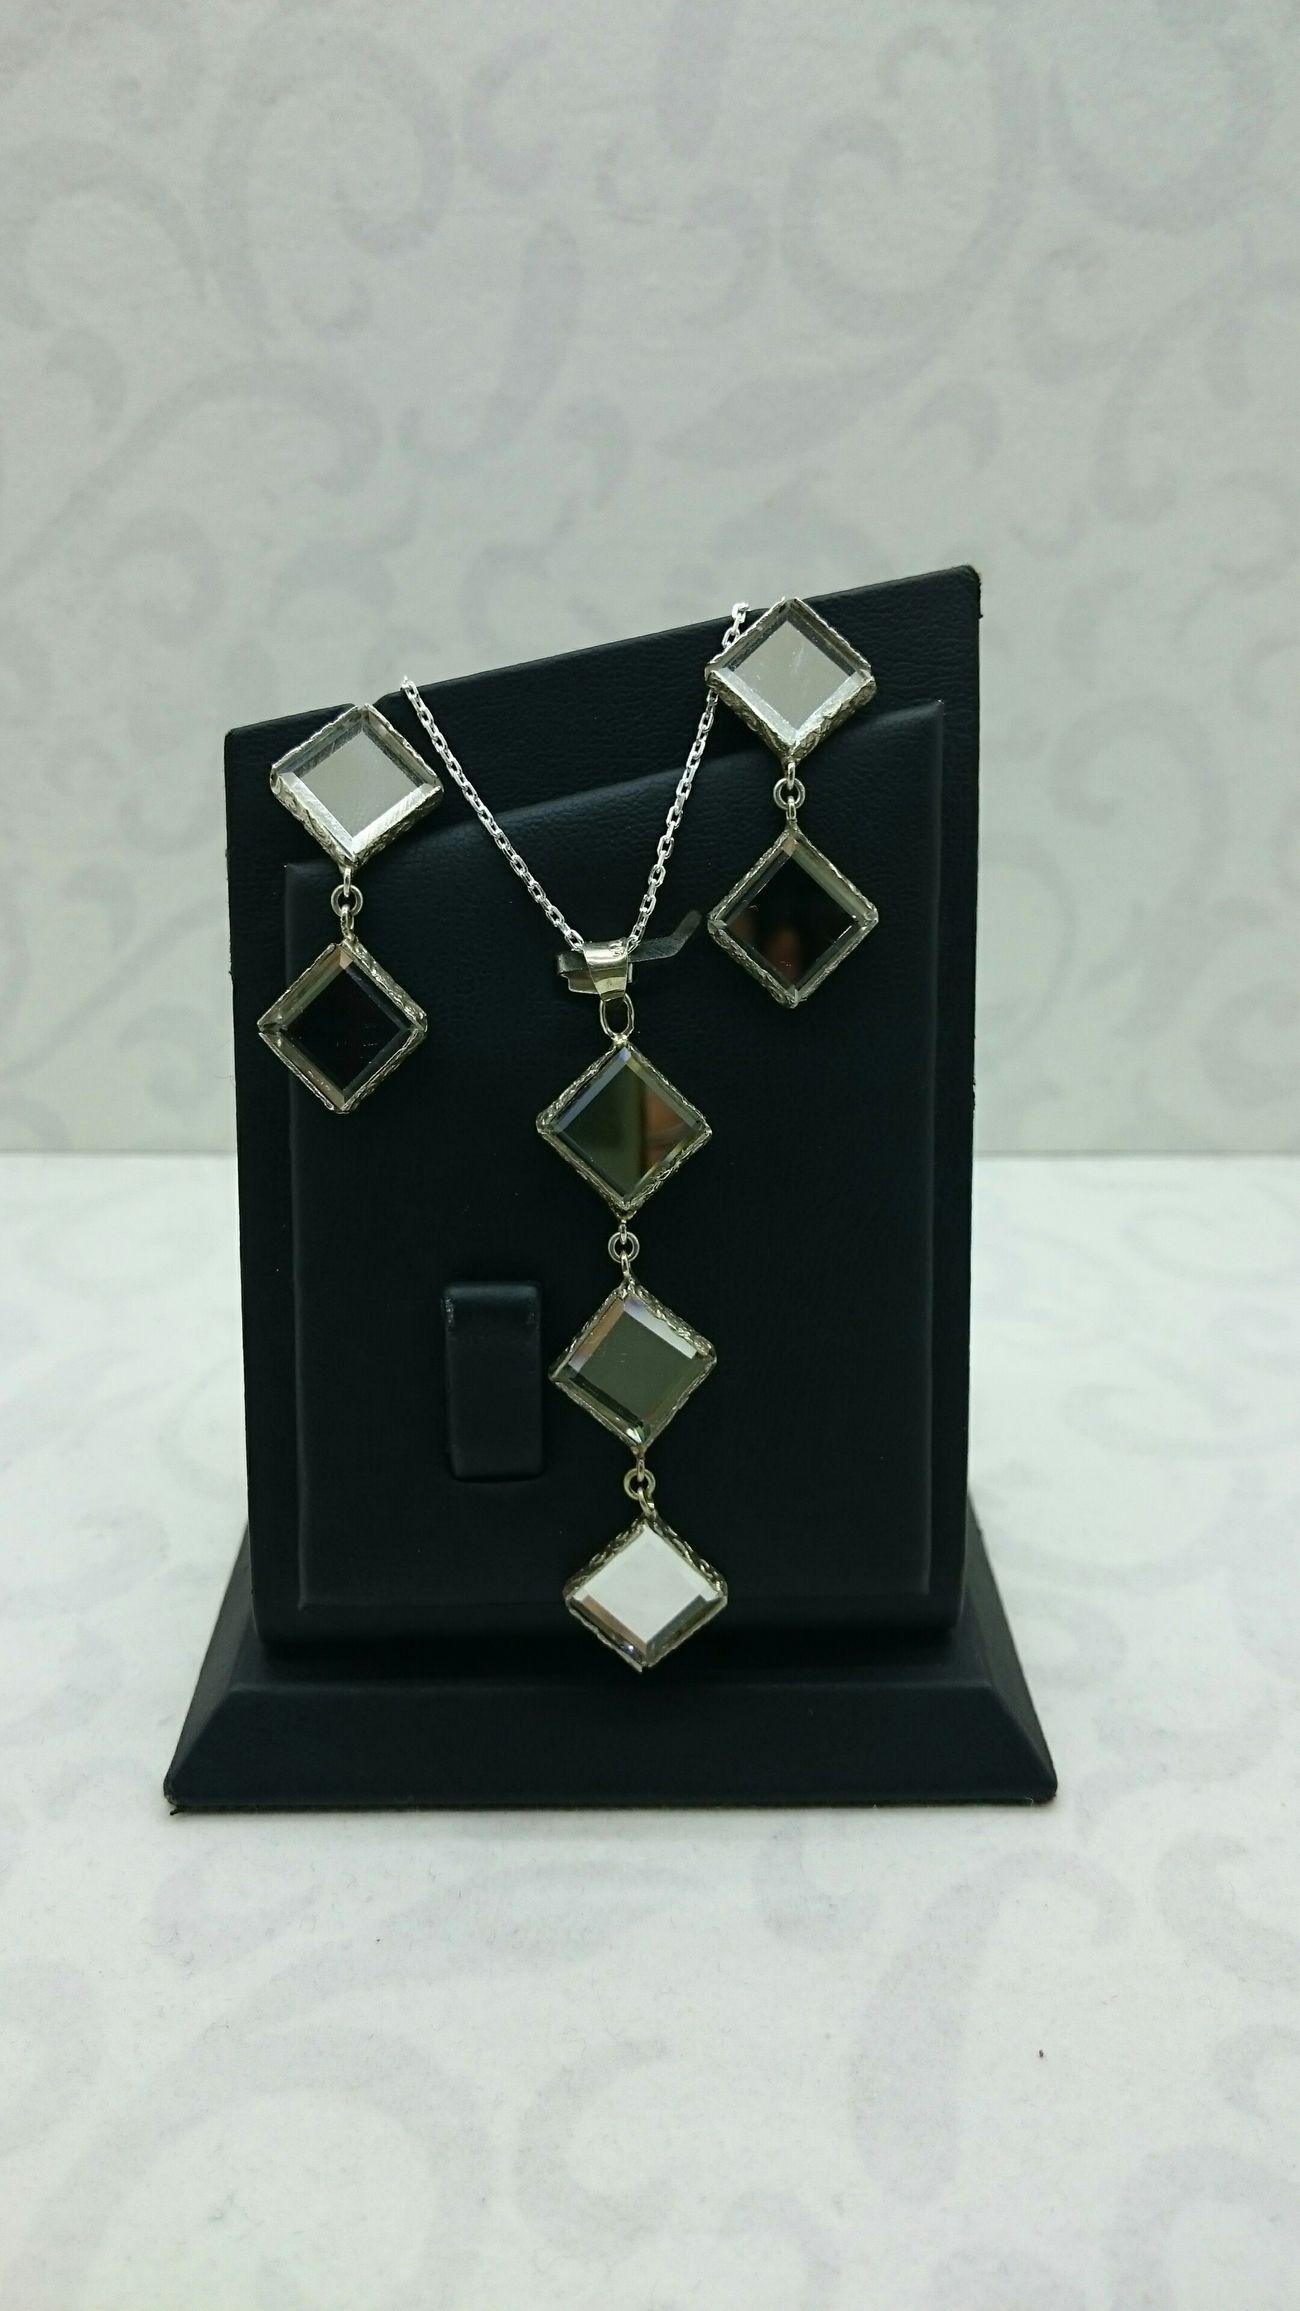 Kristal aynalı 925 ayar gümüş küpe kolye setimiz zinciriyle birlikte 100 TL kargo dahil Silver  Handmade Jewellery Elyapımı Gümüş Kolye Küpe Ayna Mirror Handmade Handmade Jewelry